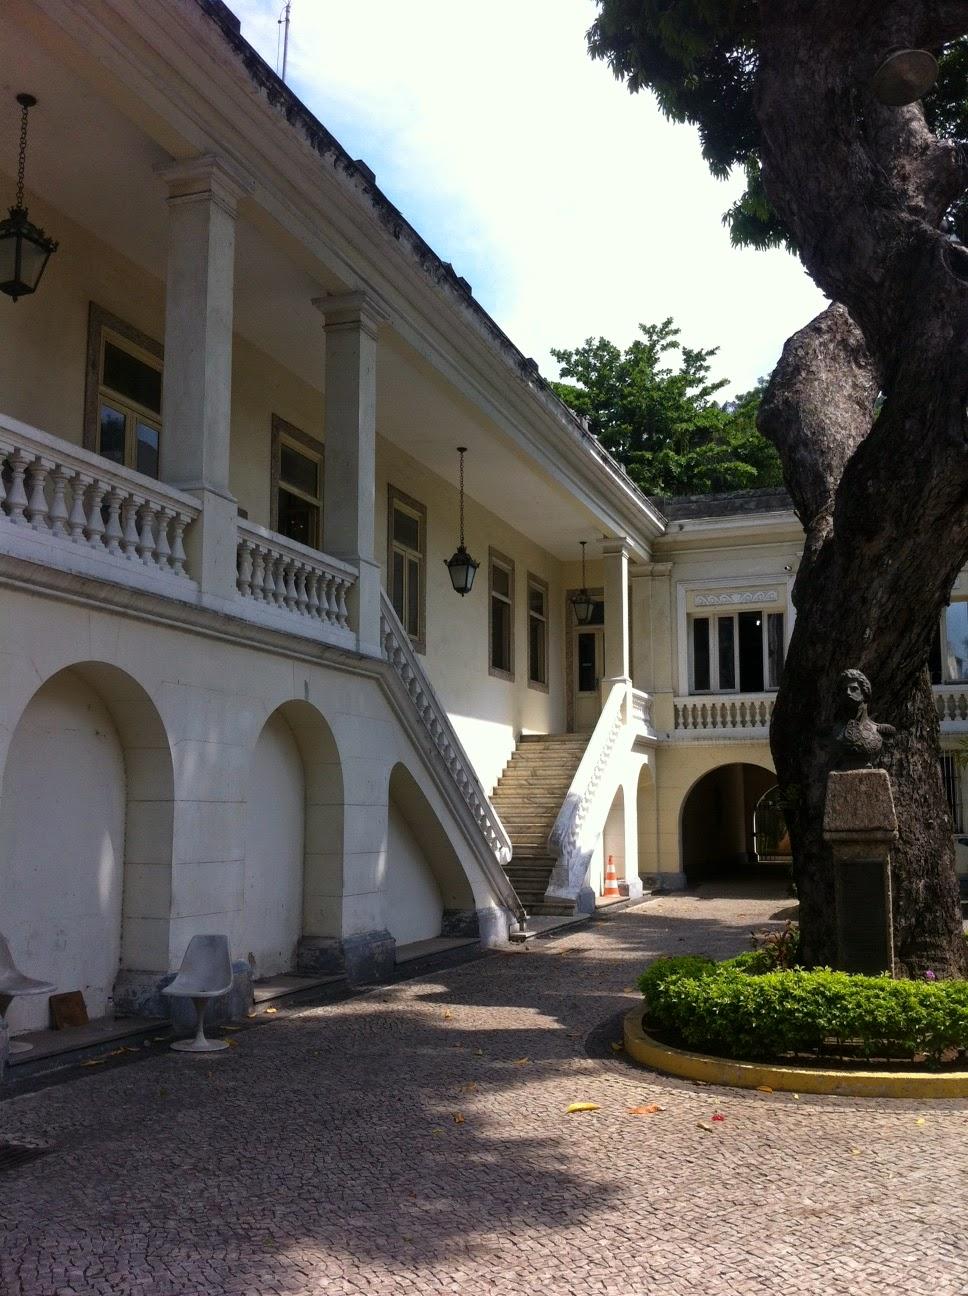 Descrição da Foto: Fachada externa da entrada do museu. Um grande sobrado branco com duas escadas que se encontram no térreo. Ele está ao lado esquerdo e no fundo, enquanto ao lado direito o tronco de uma frondosa árvore.